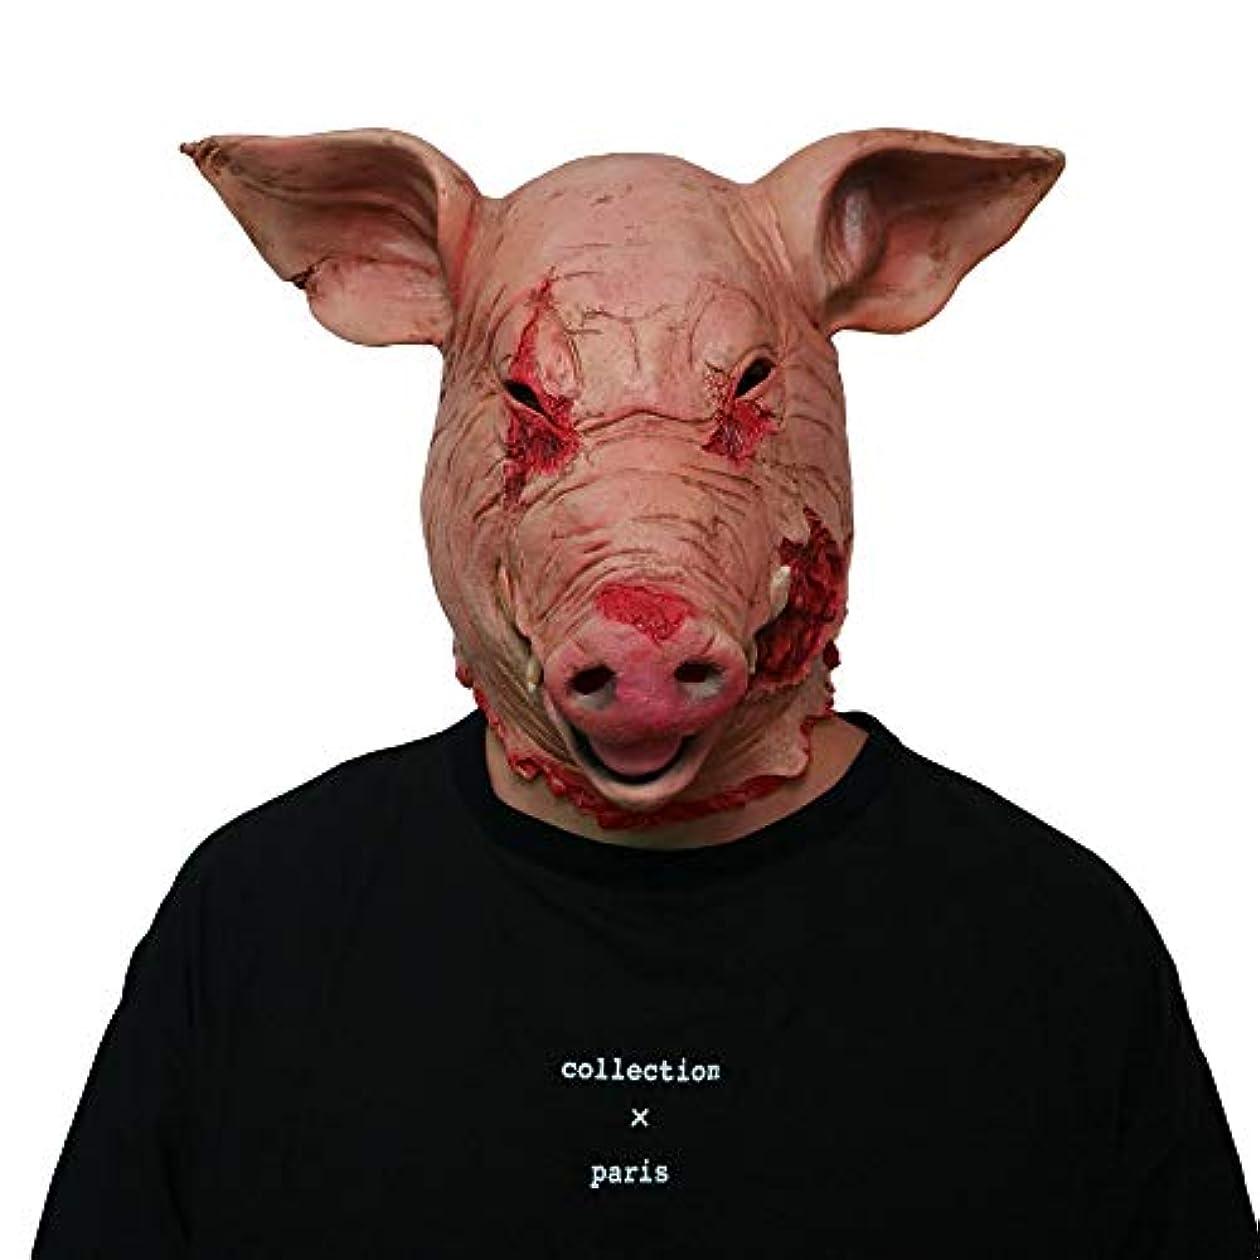 悪化する寝室パンチハロウィーンホラー豚ヘッドマスクラテックス動物小道具大人の小道具ピエロマスクヘッドカバー